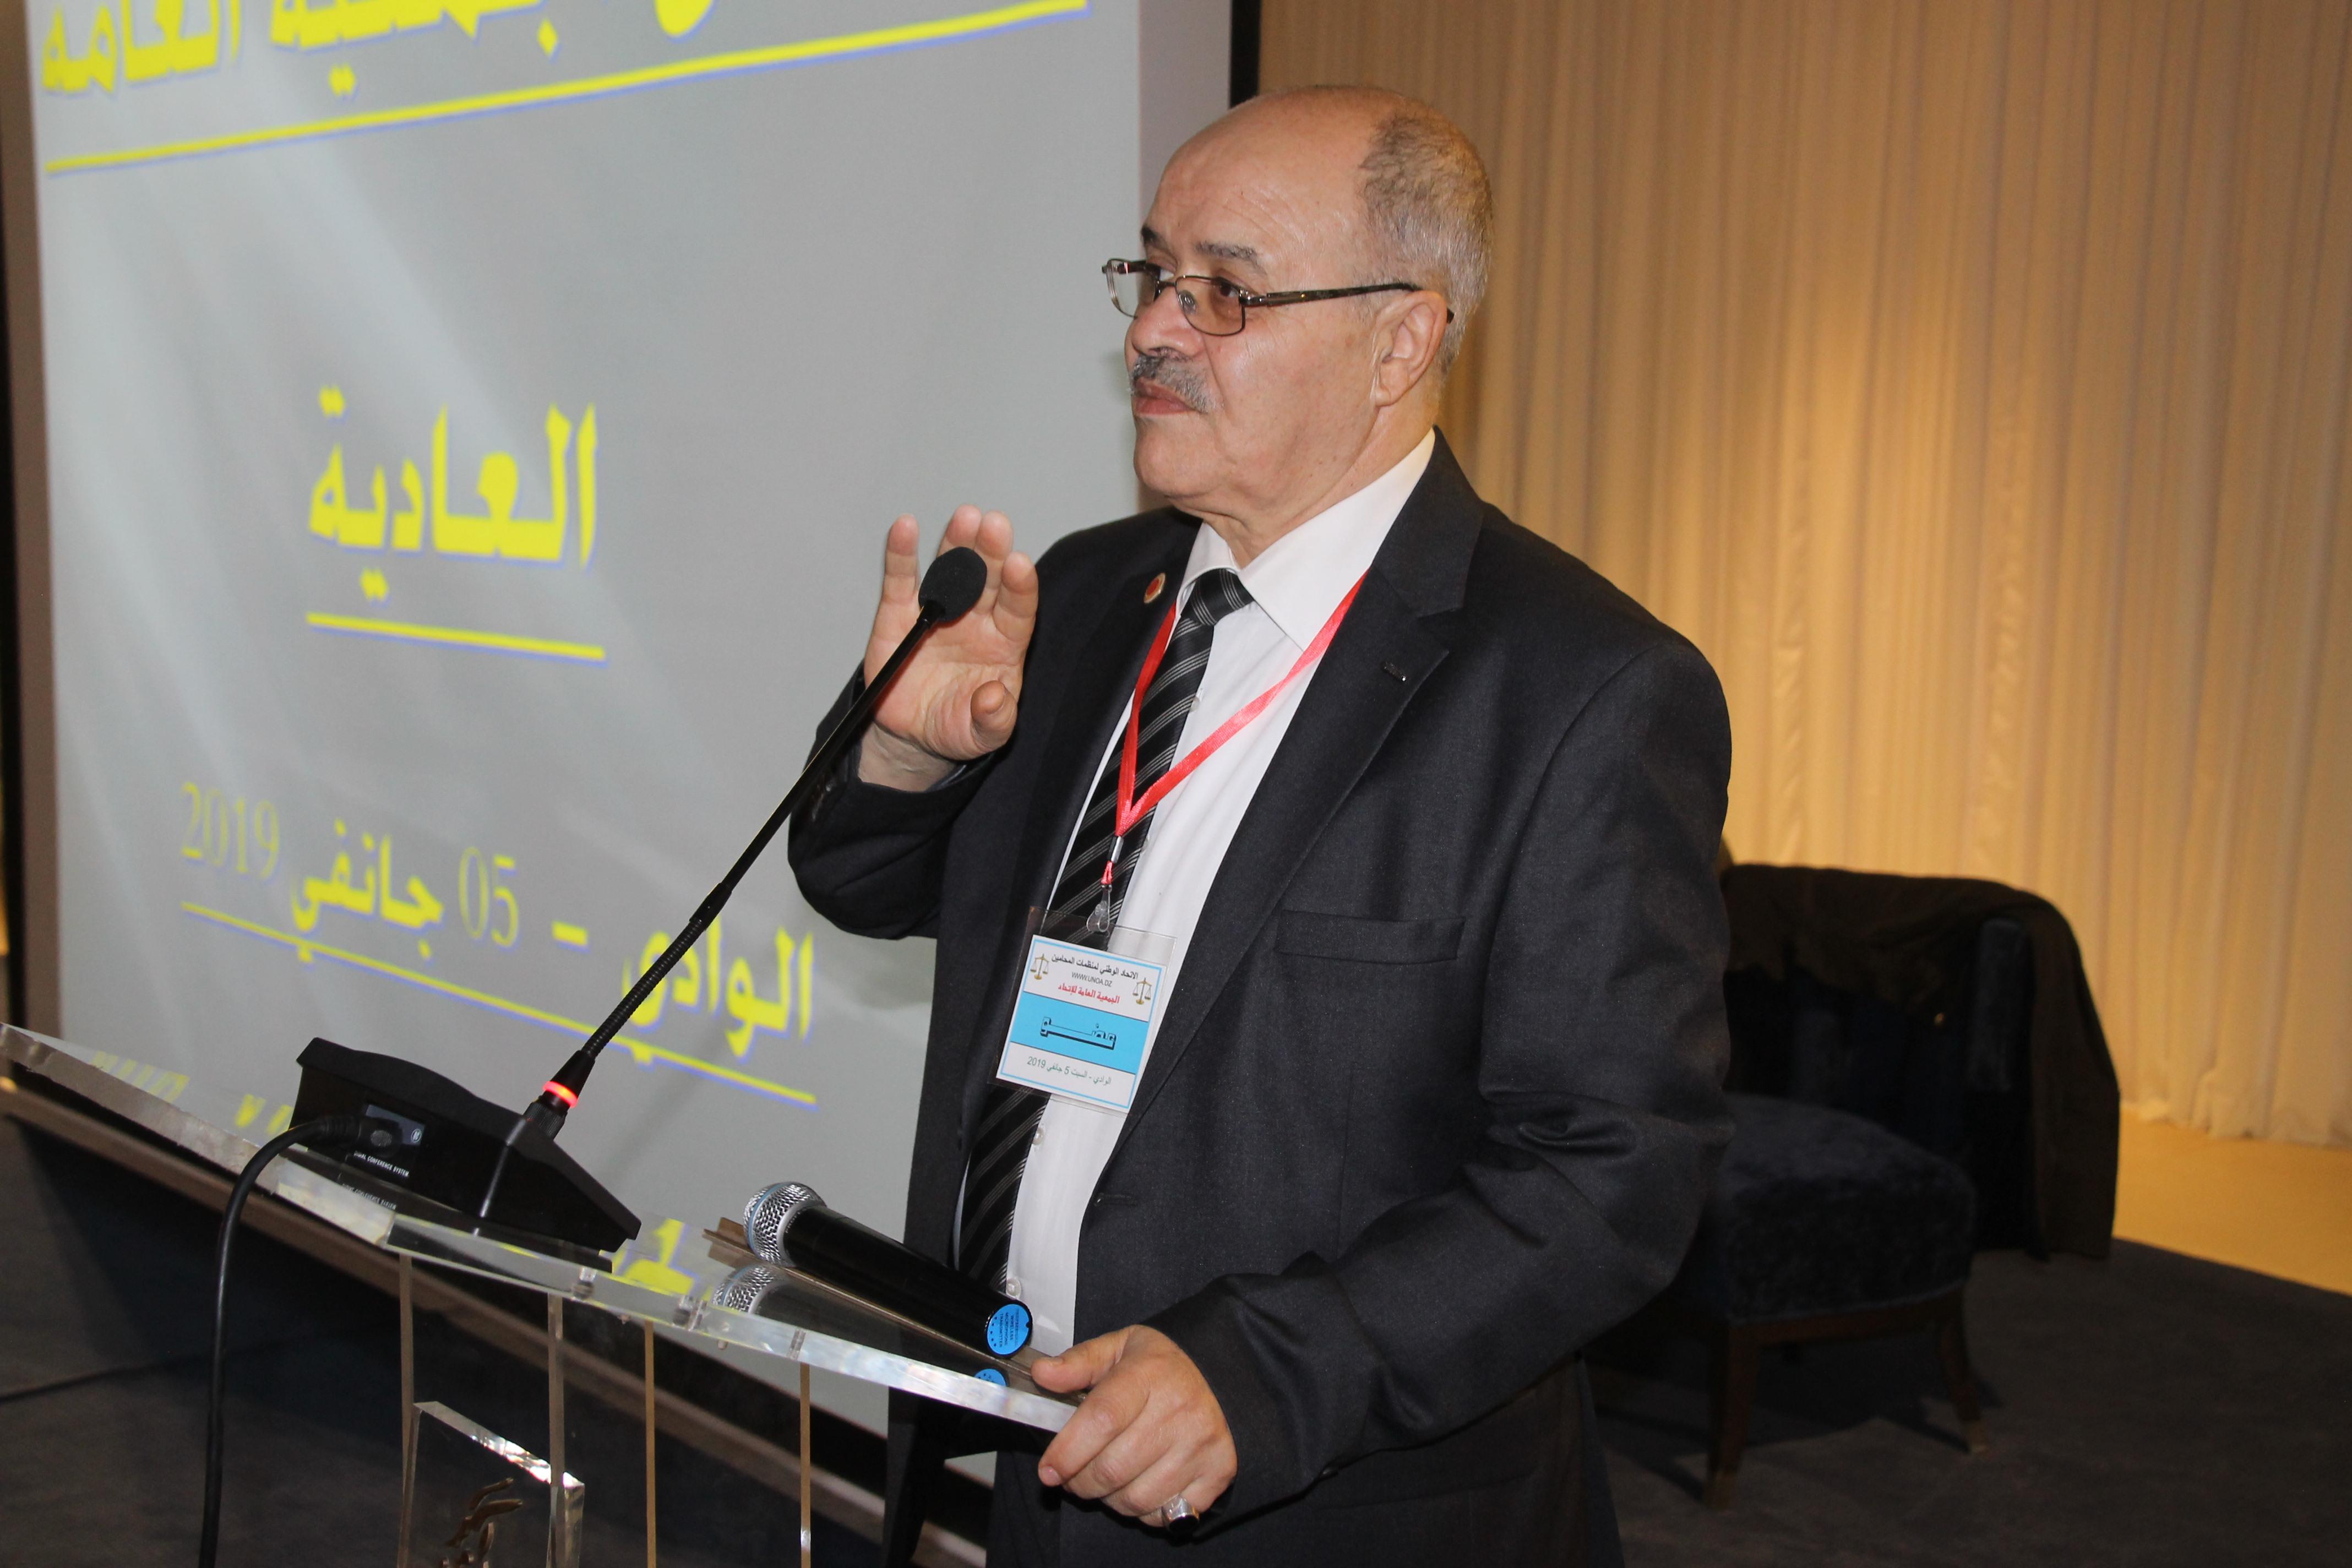 الجزائر-إتحاد المحامين يقترح التفاوض مع المحبوسين لاسترجاع الأموال المنهوبة — TSA عربي